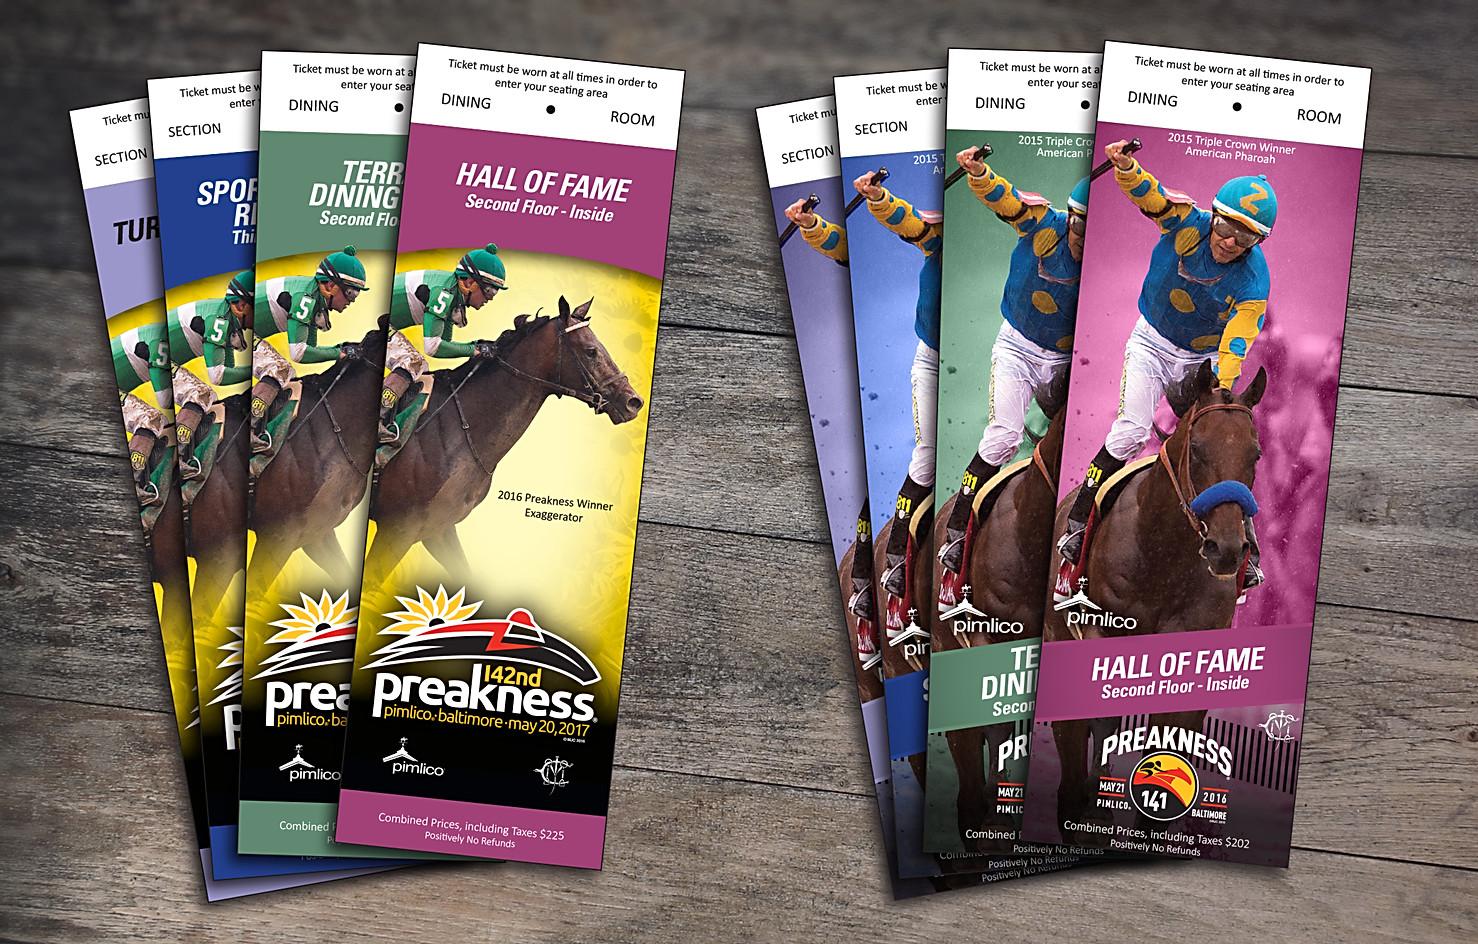 Preakness Tickets